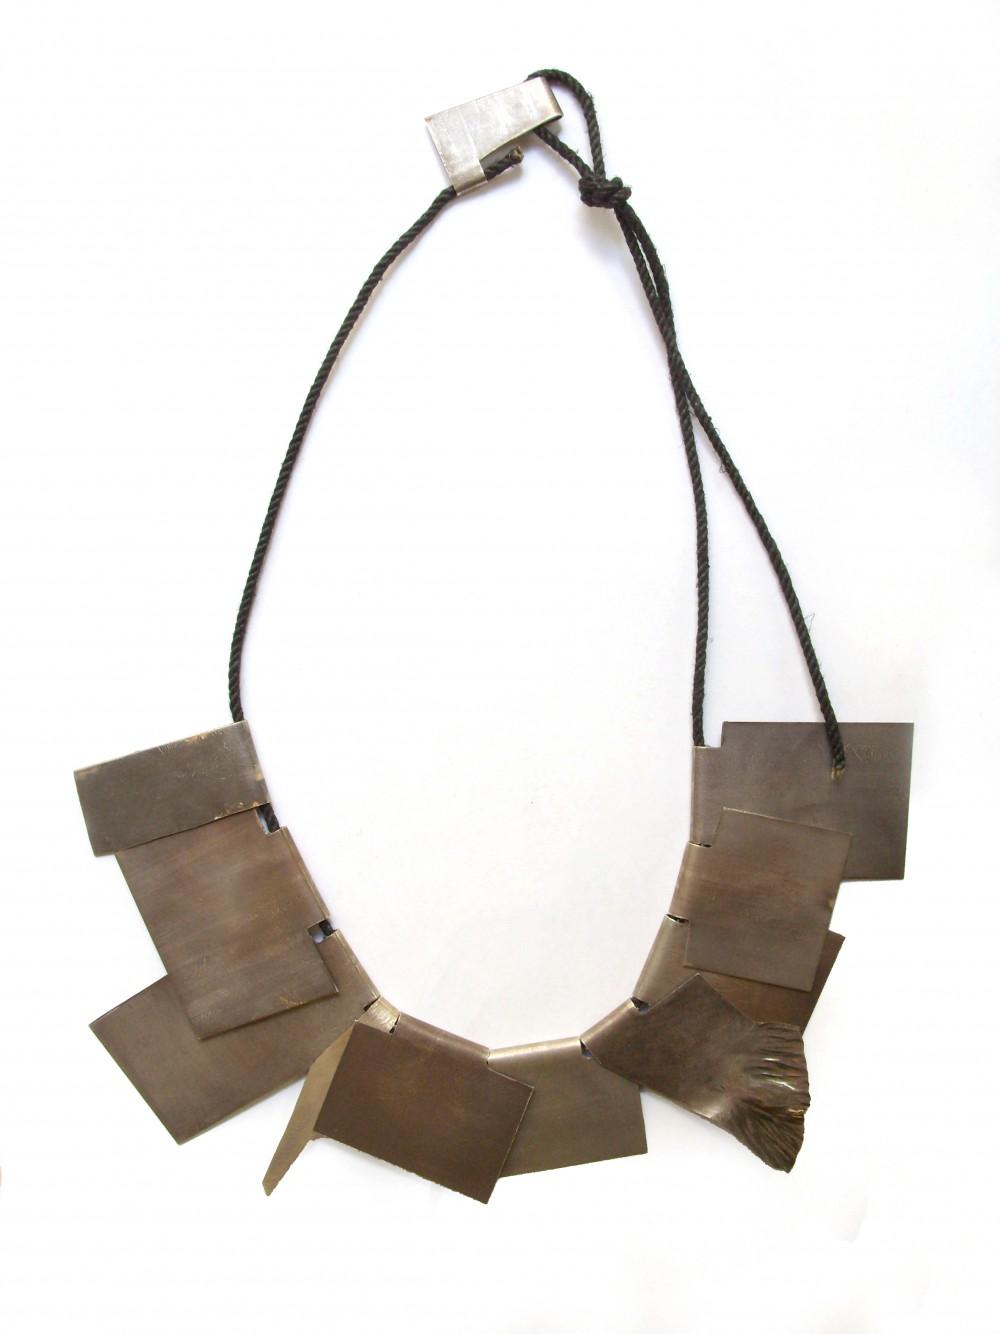 Neckpiece, silver, 20 cm x 20 cm, Klara Brynge